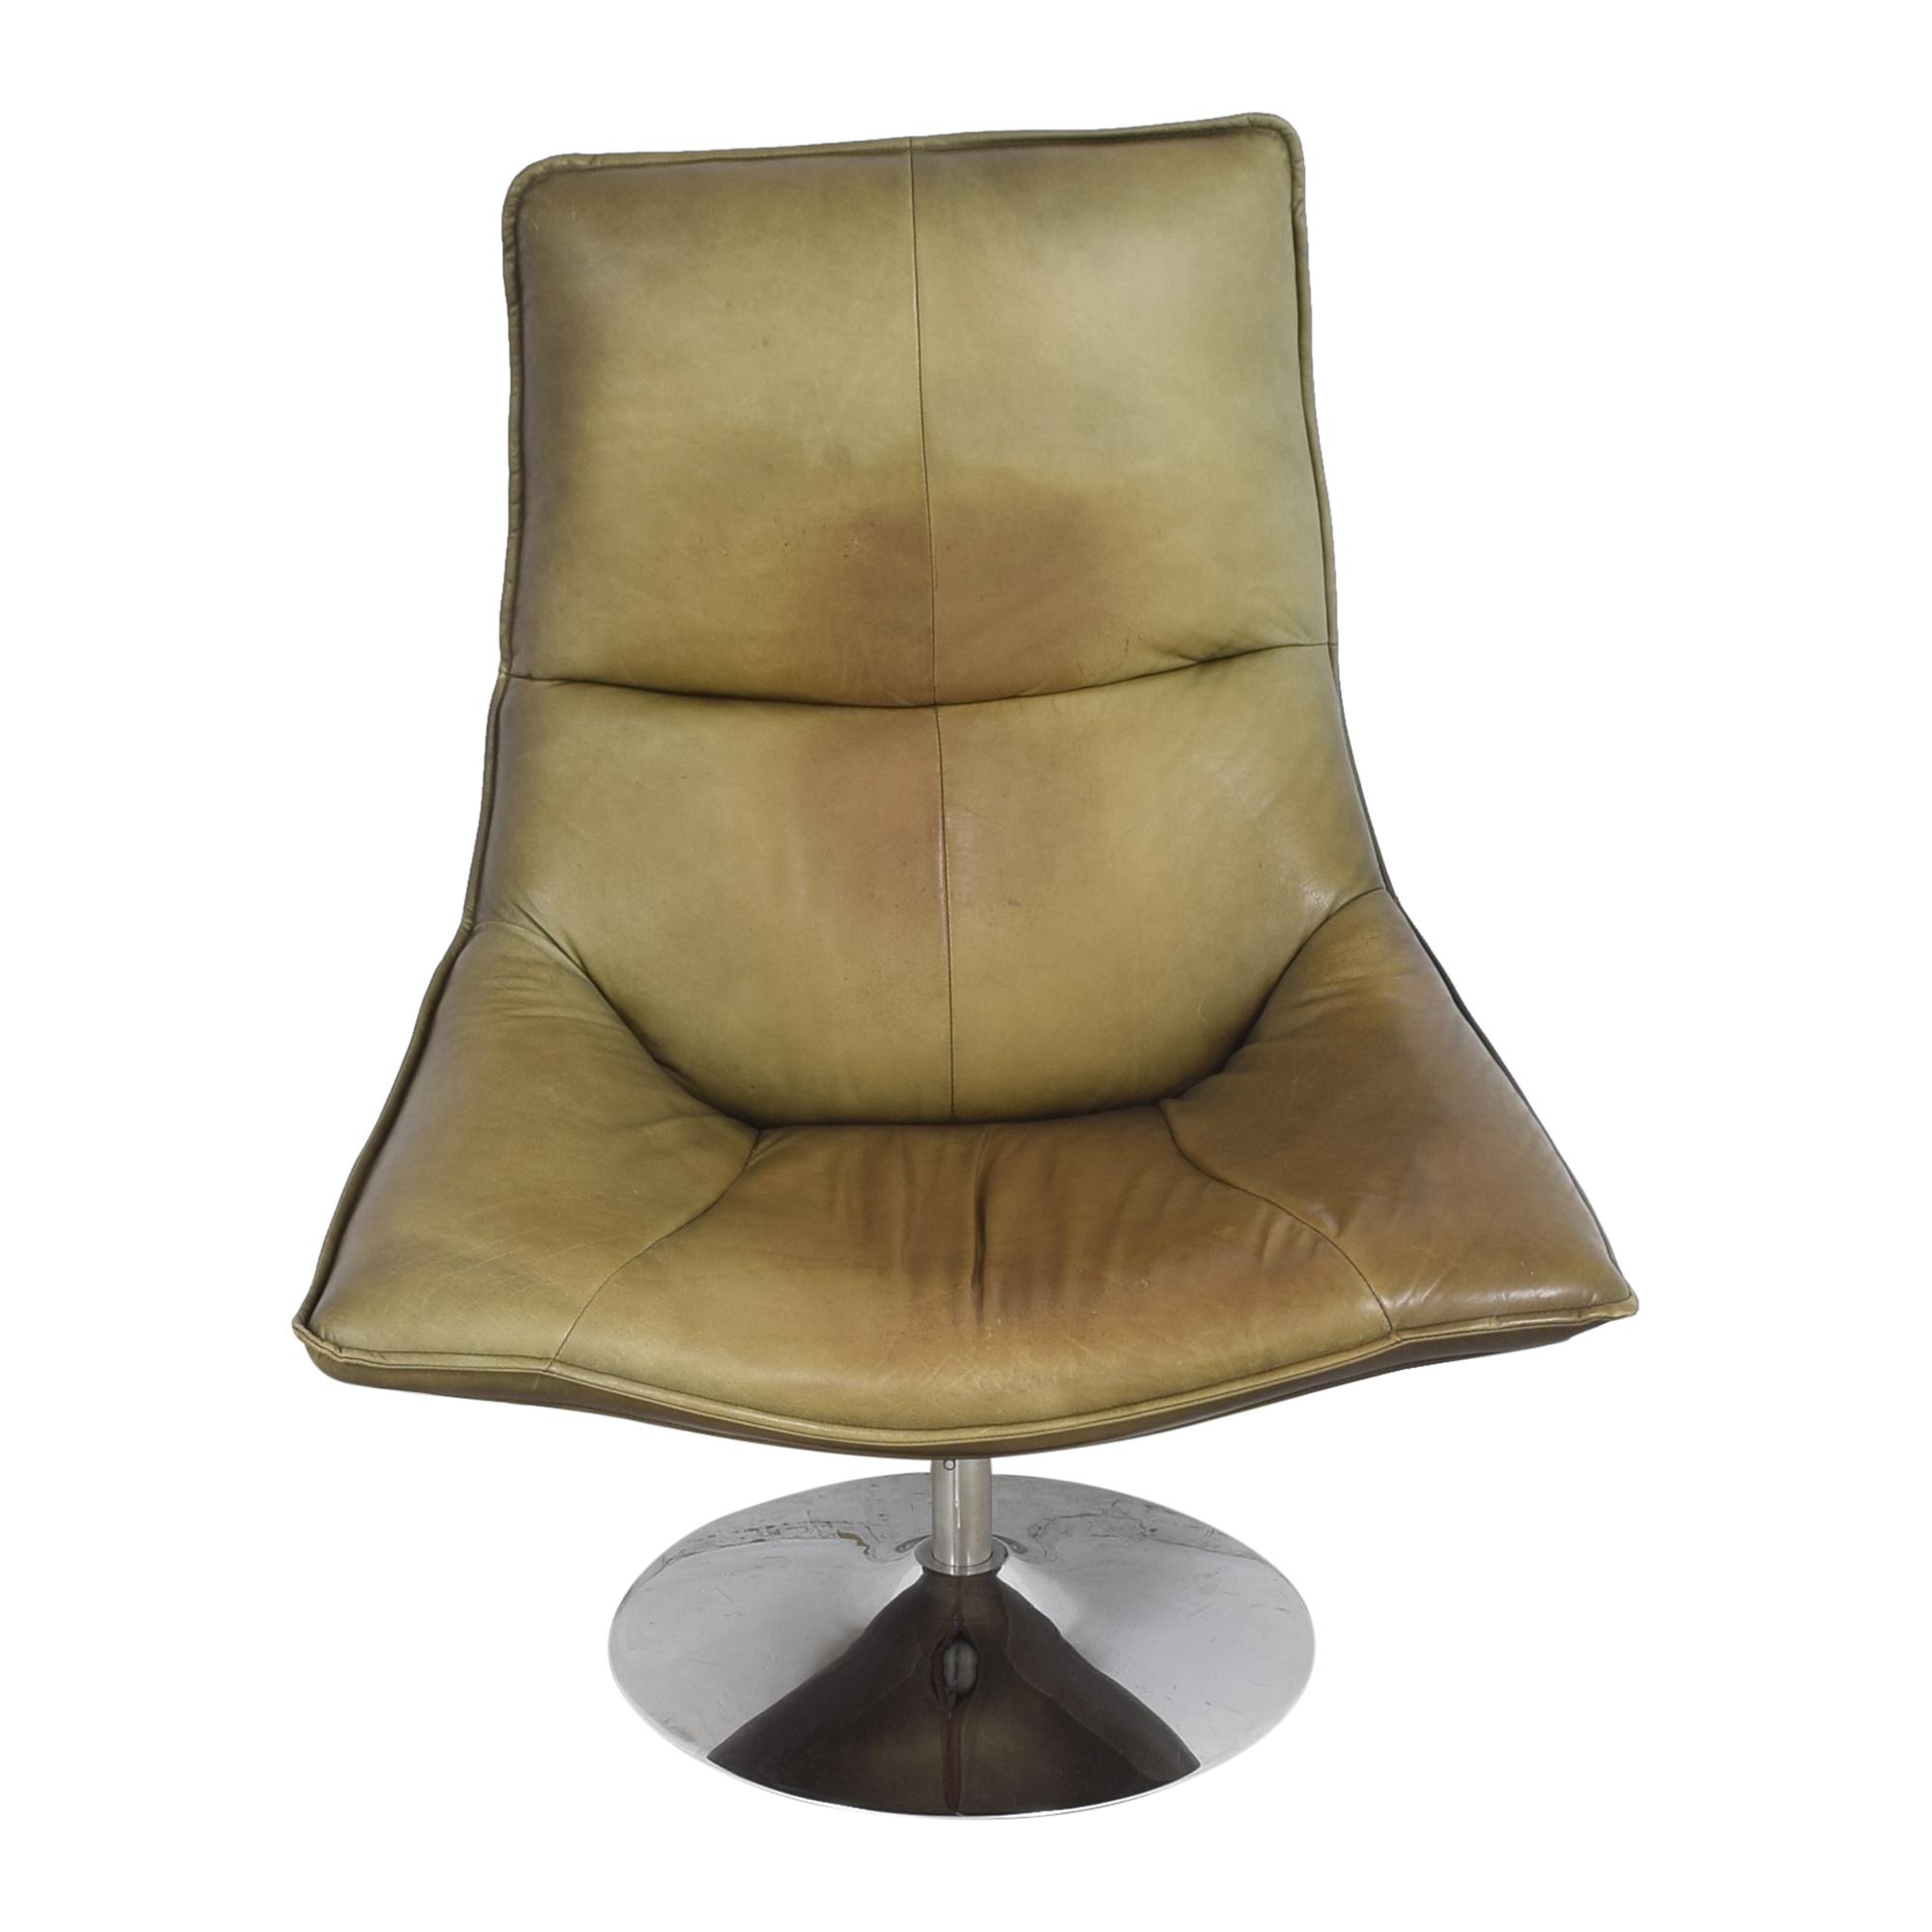 Restoration Hardware Restoration Hardware Hopper Swivel Bucket Chair for sale